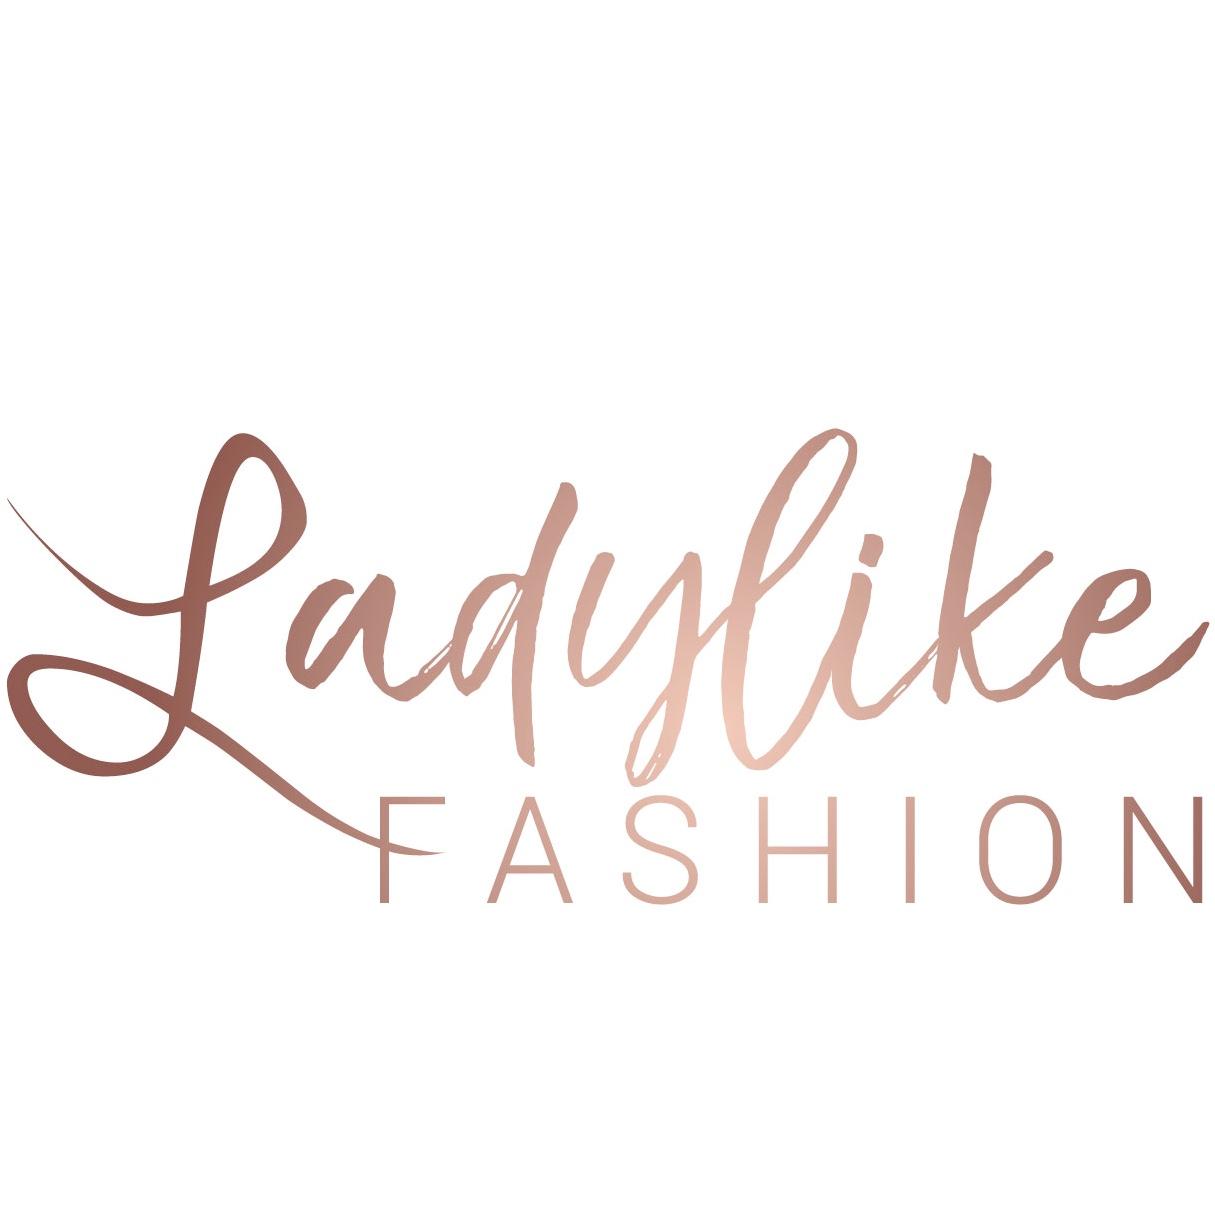 LADYLIKE FASHION